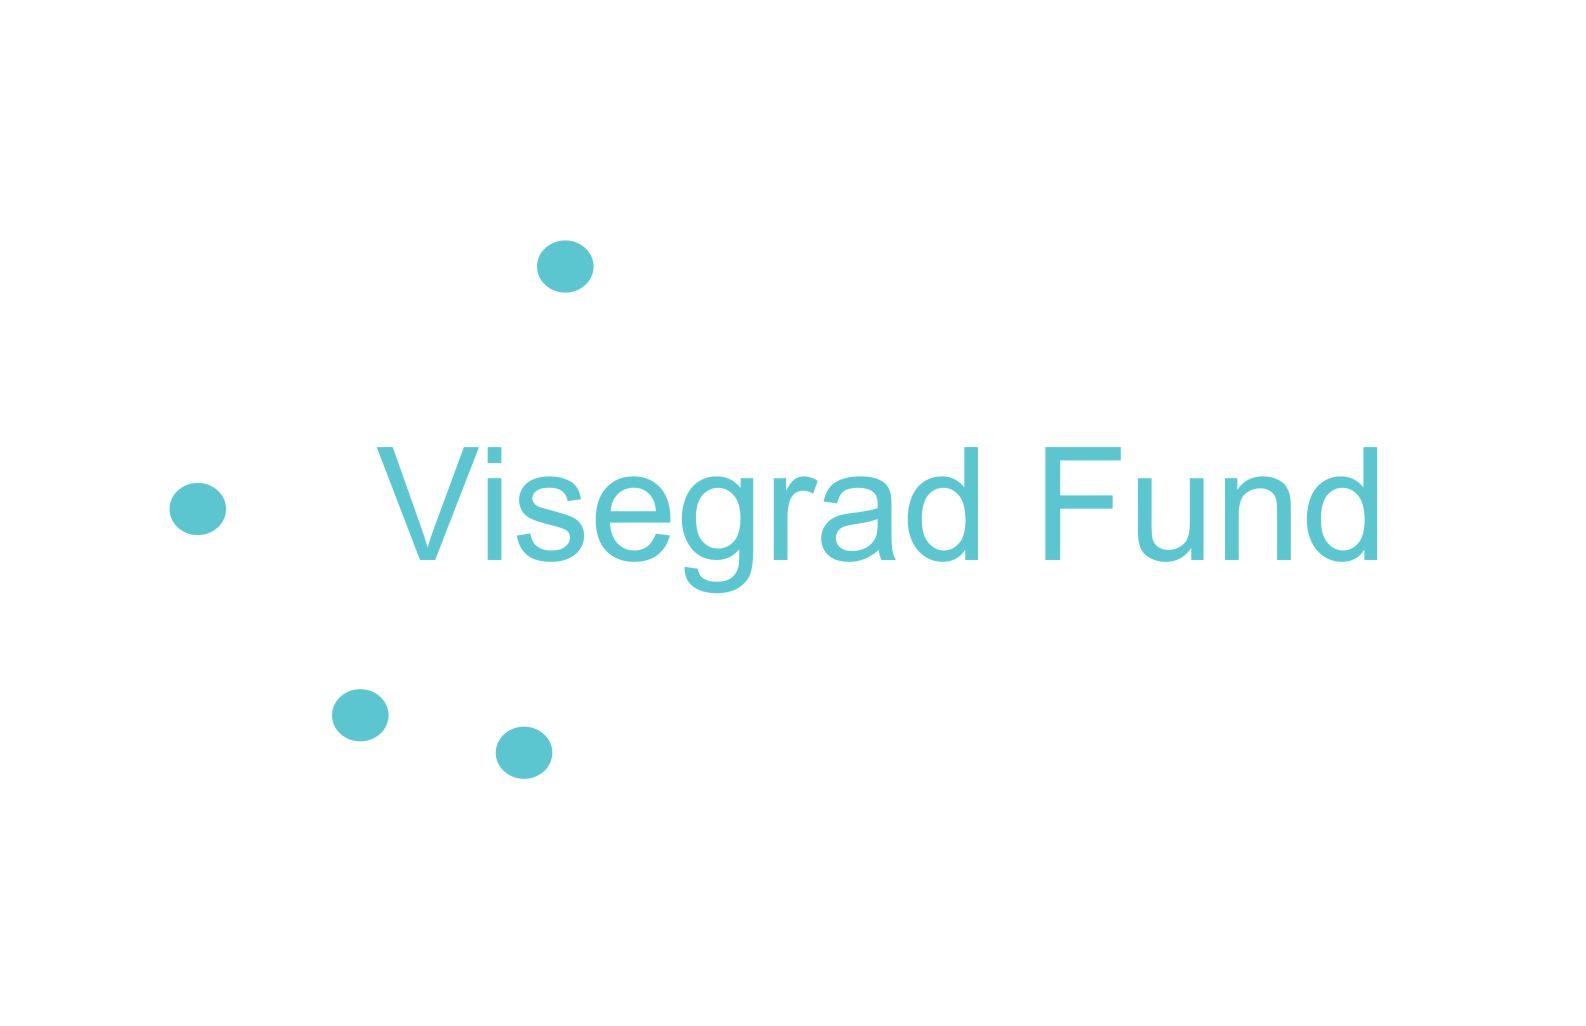 Beynəlxalq Vişegrad Fondu təqaüd proqramı elan edir